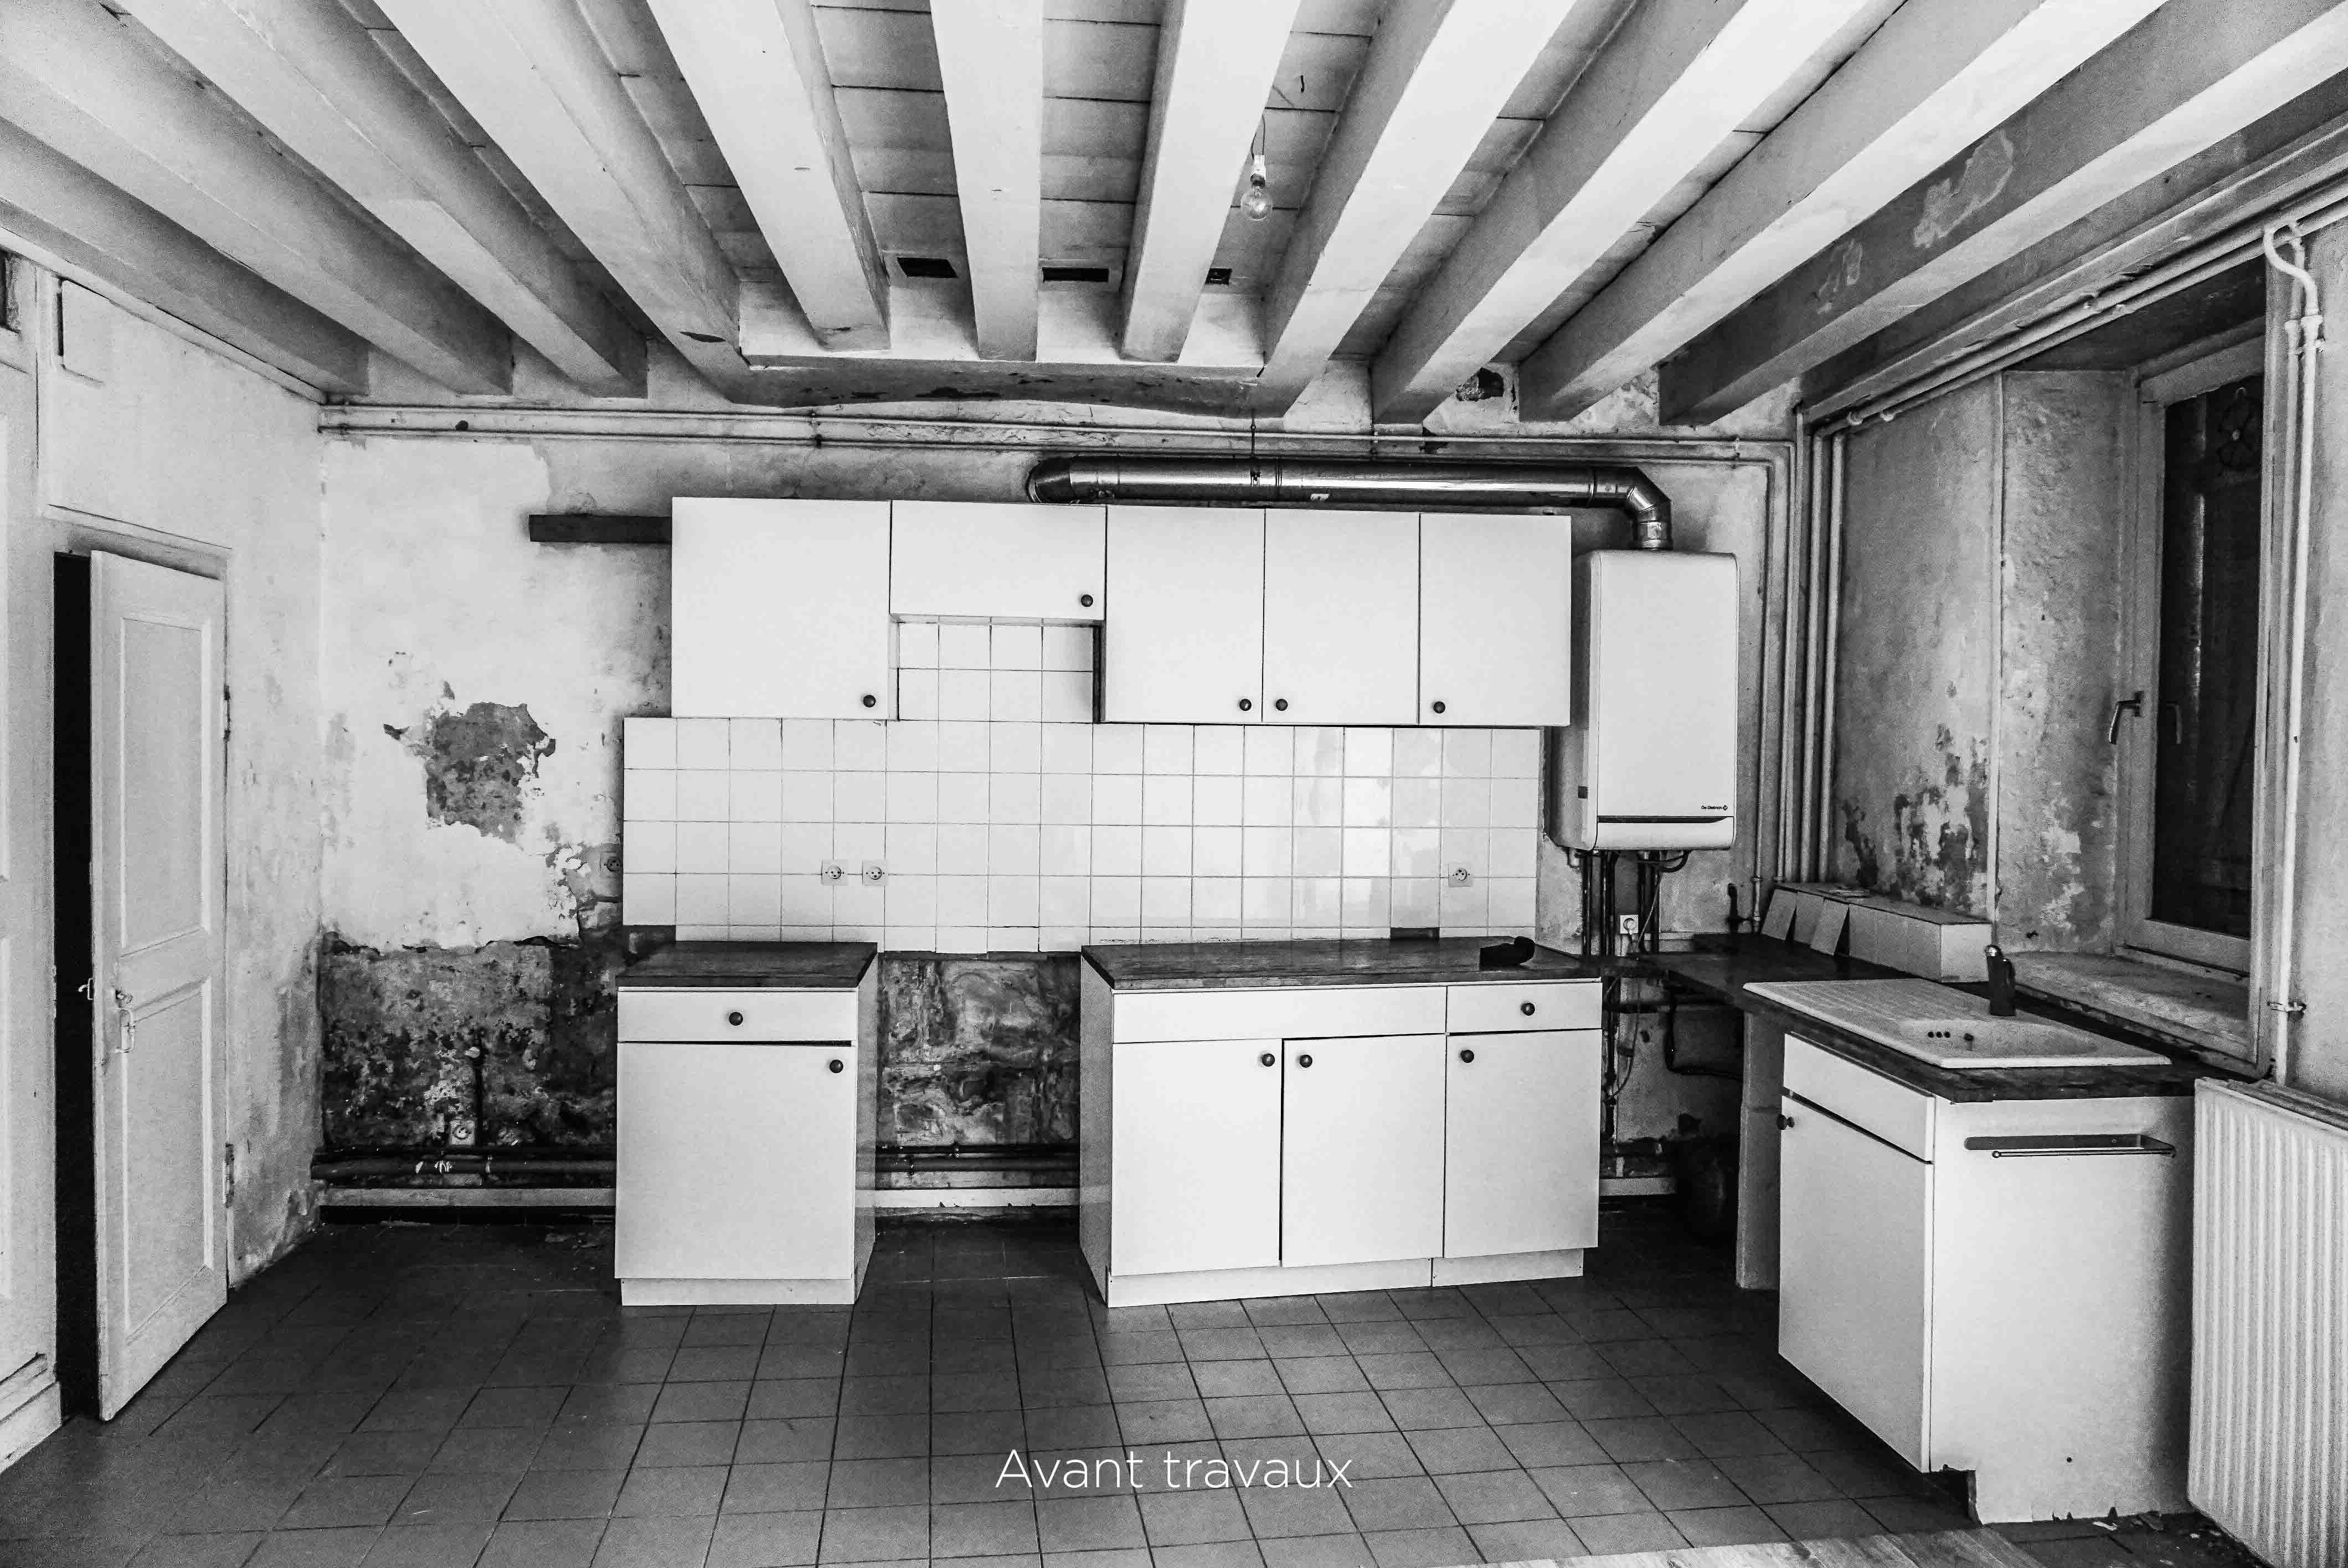 avant-travaux-architecte-lyon-rénovation-presbytere-marcilly-azergues-pierre-dorée